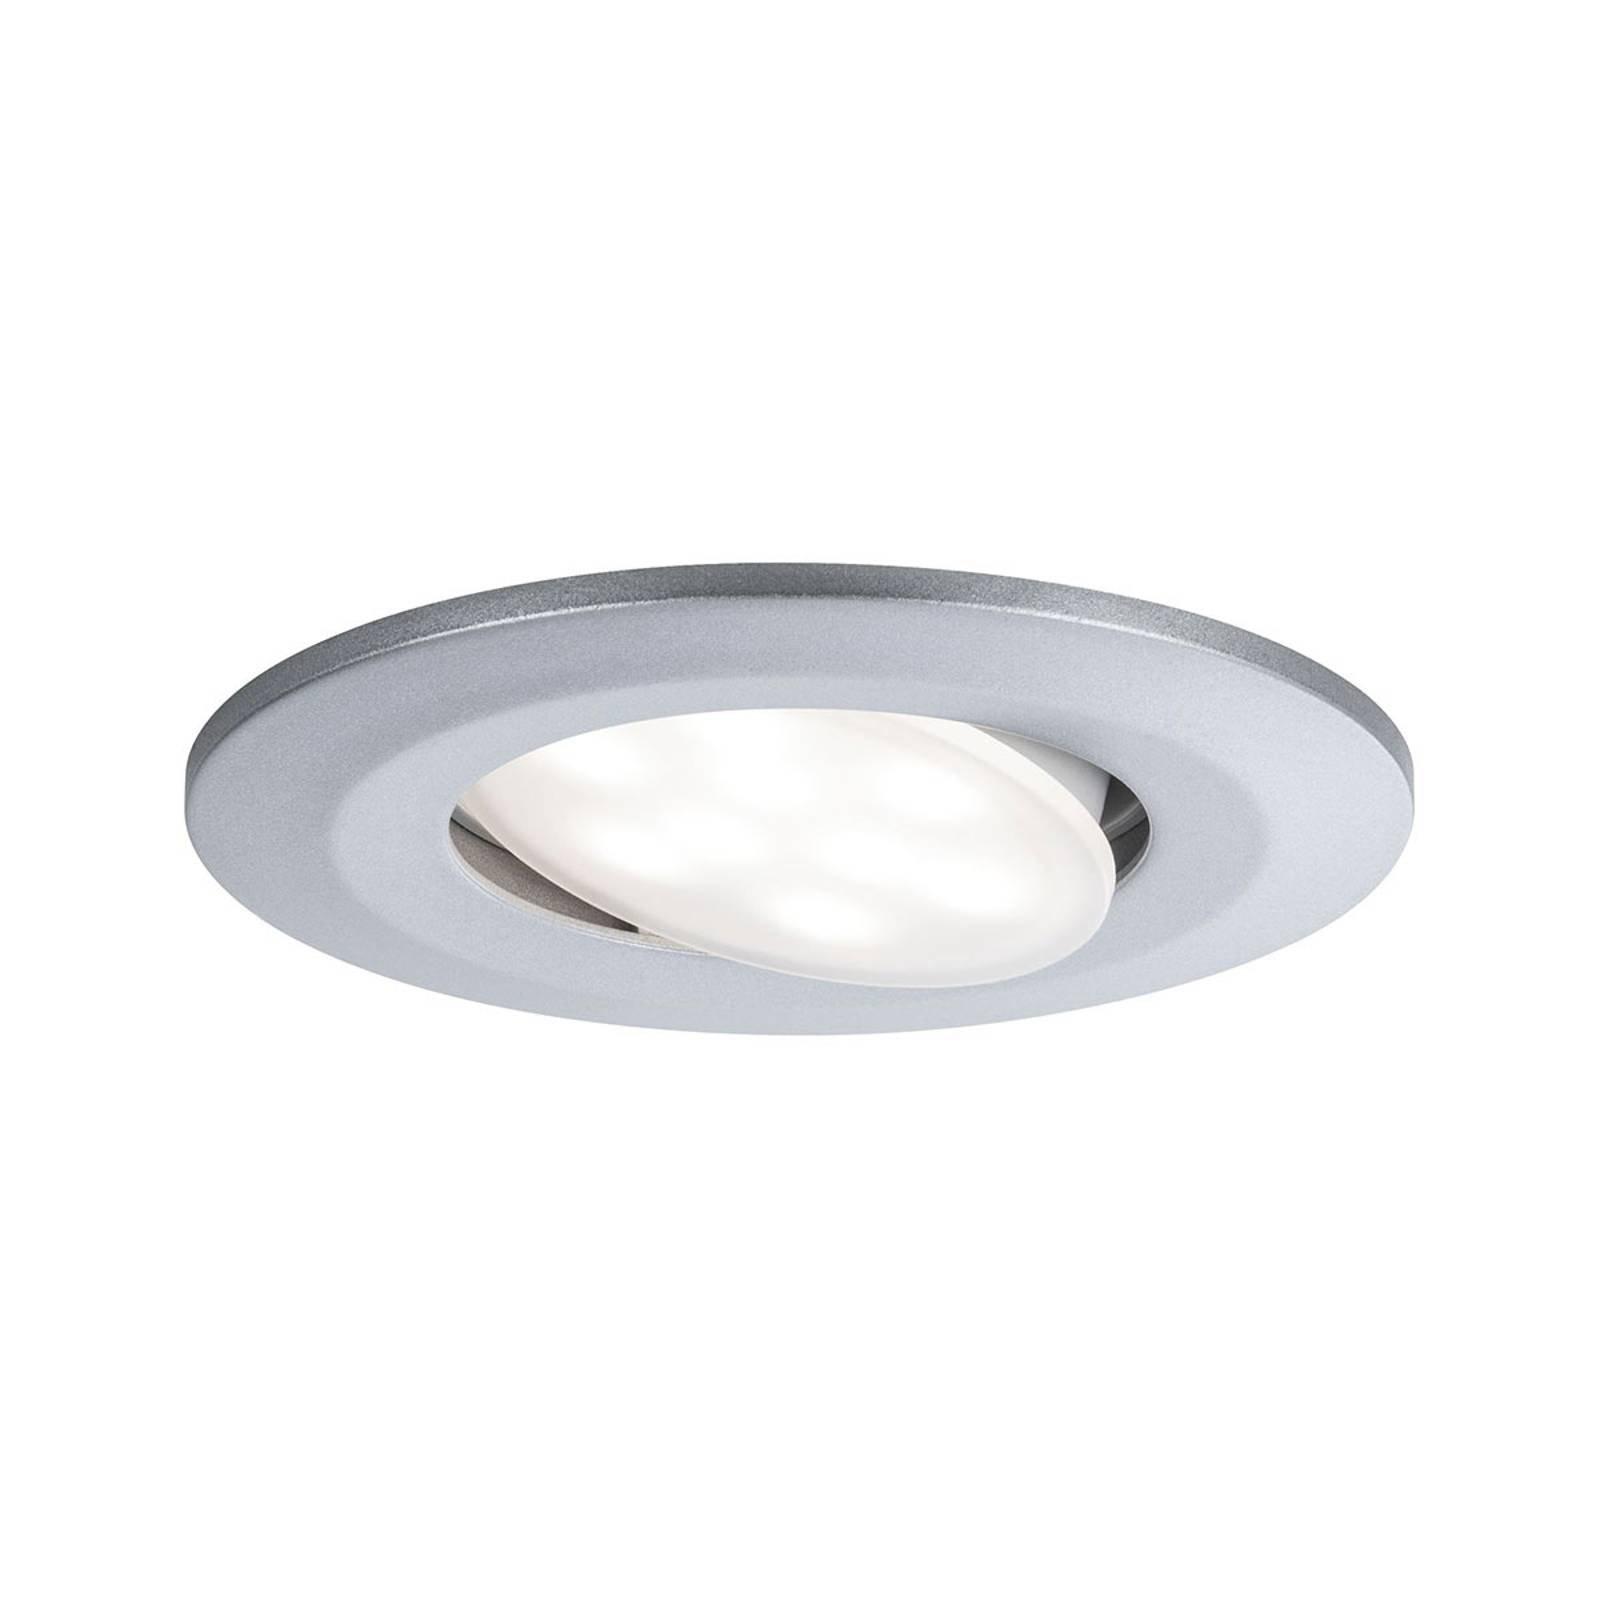 Paulmann utendørs LED-innfellingsspot Calla, krom